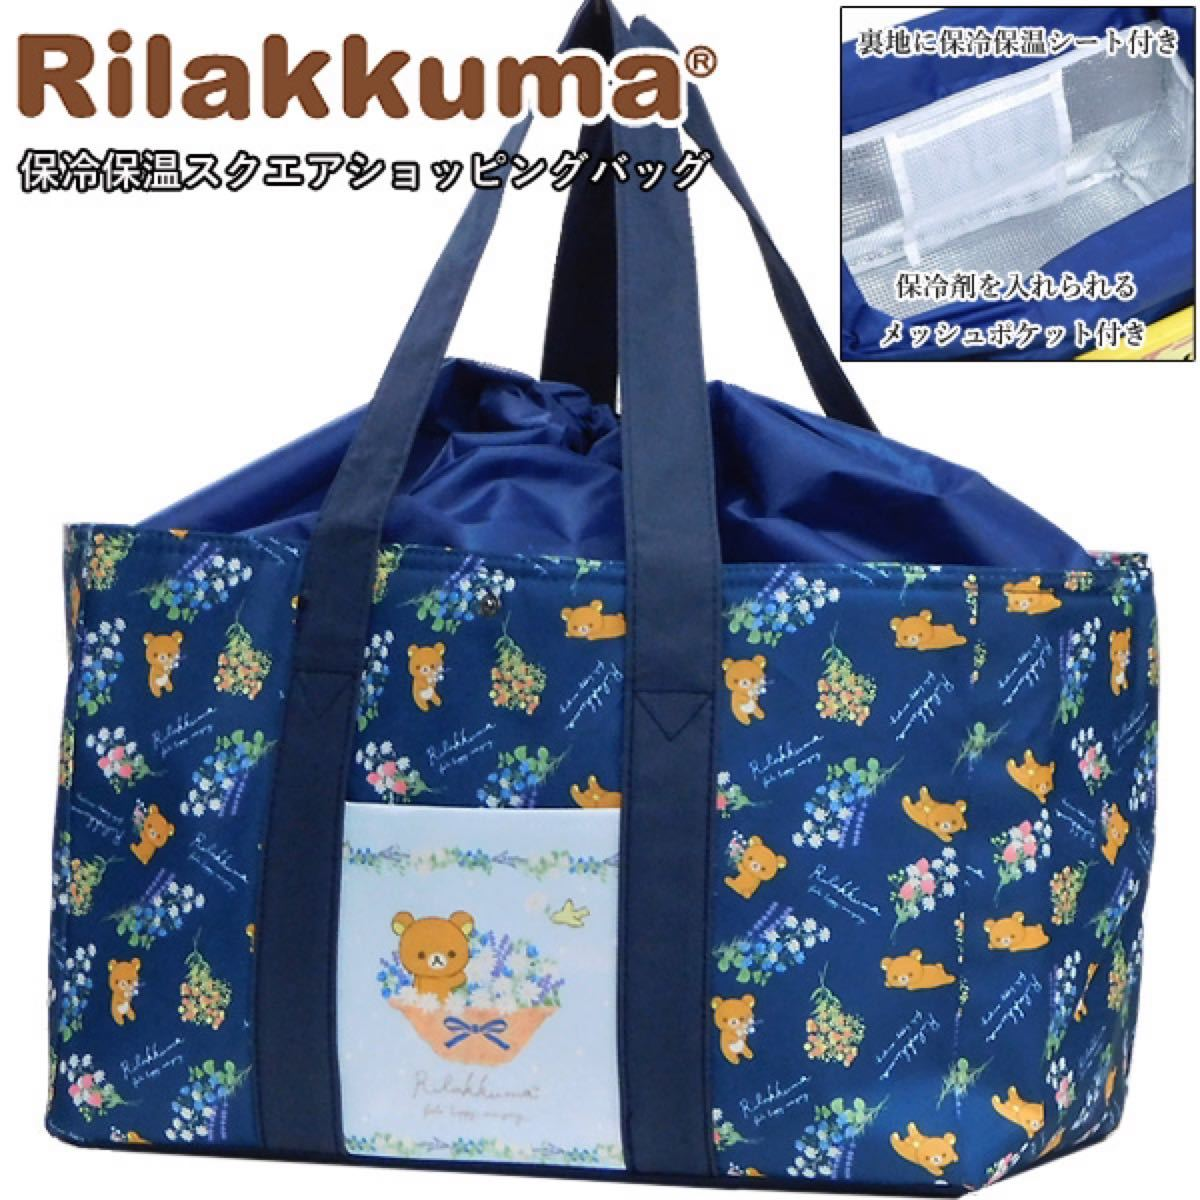 送料無料 リラックマ 保冷バッグ 大容量 クーラーバッグ レジカゴバッグ エコバッグ ショッピングバッグ レジバッグ レディース